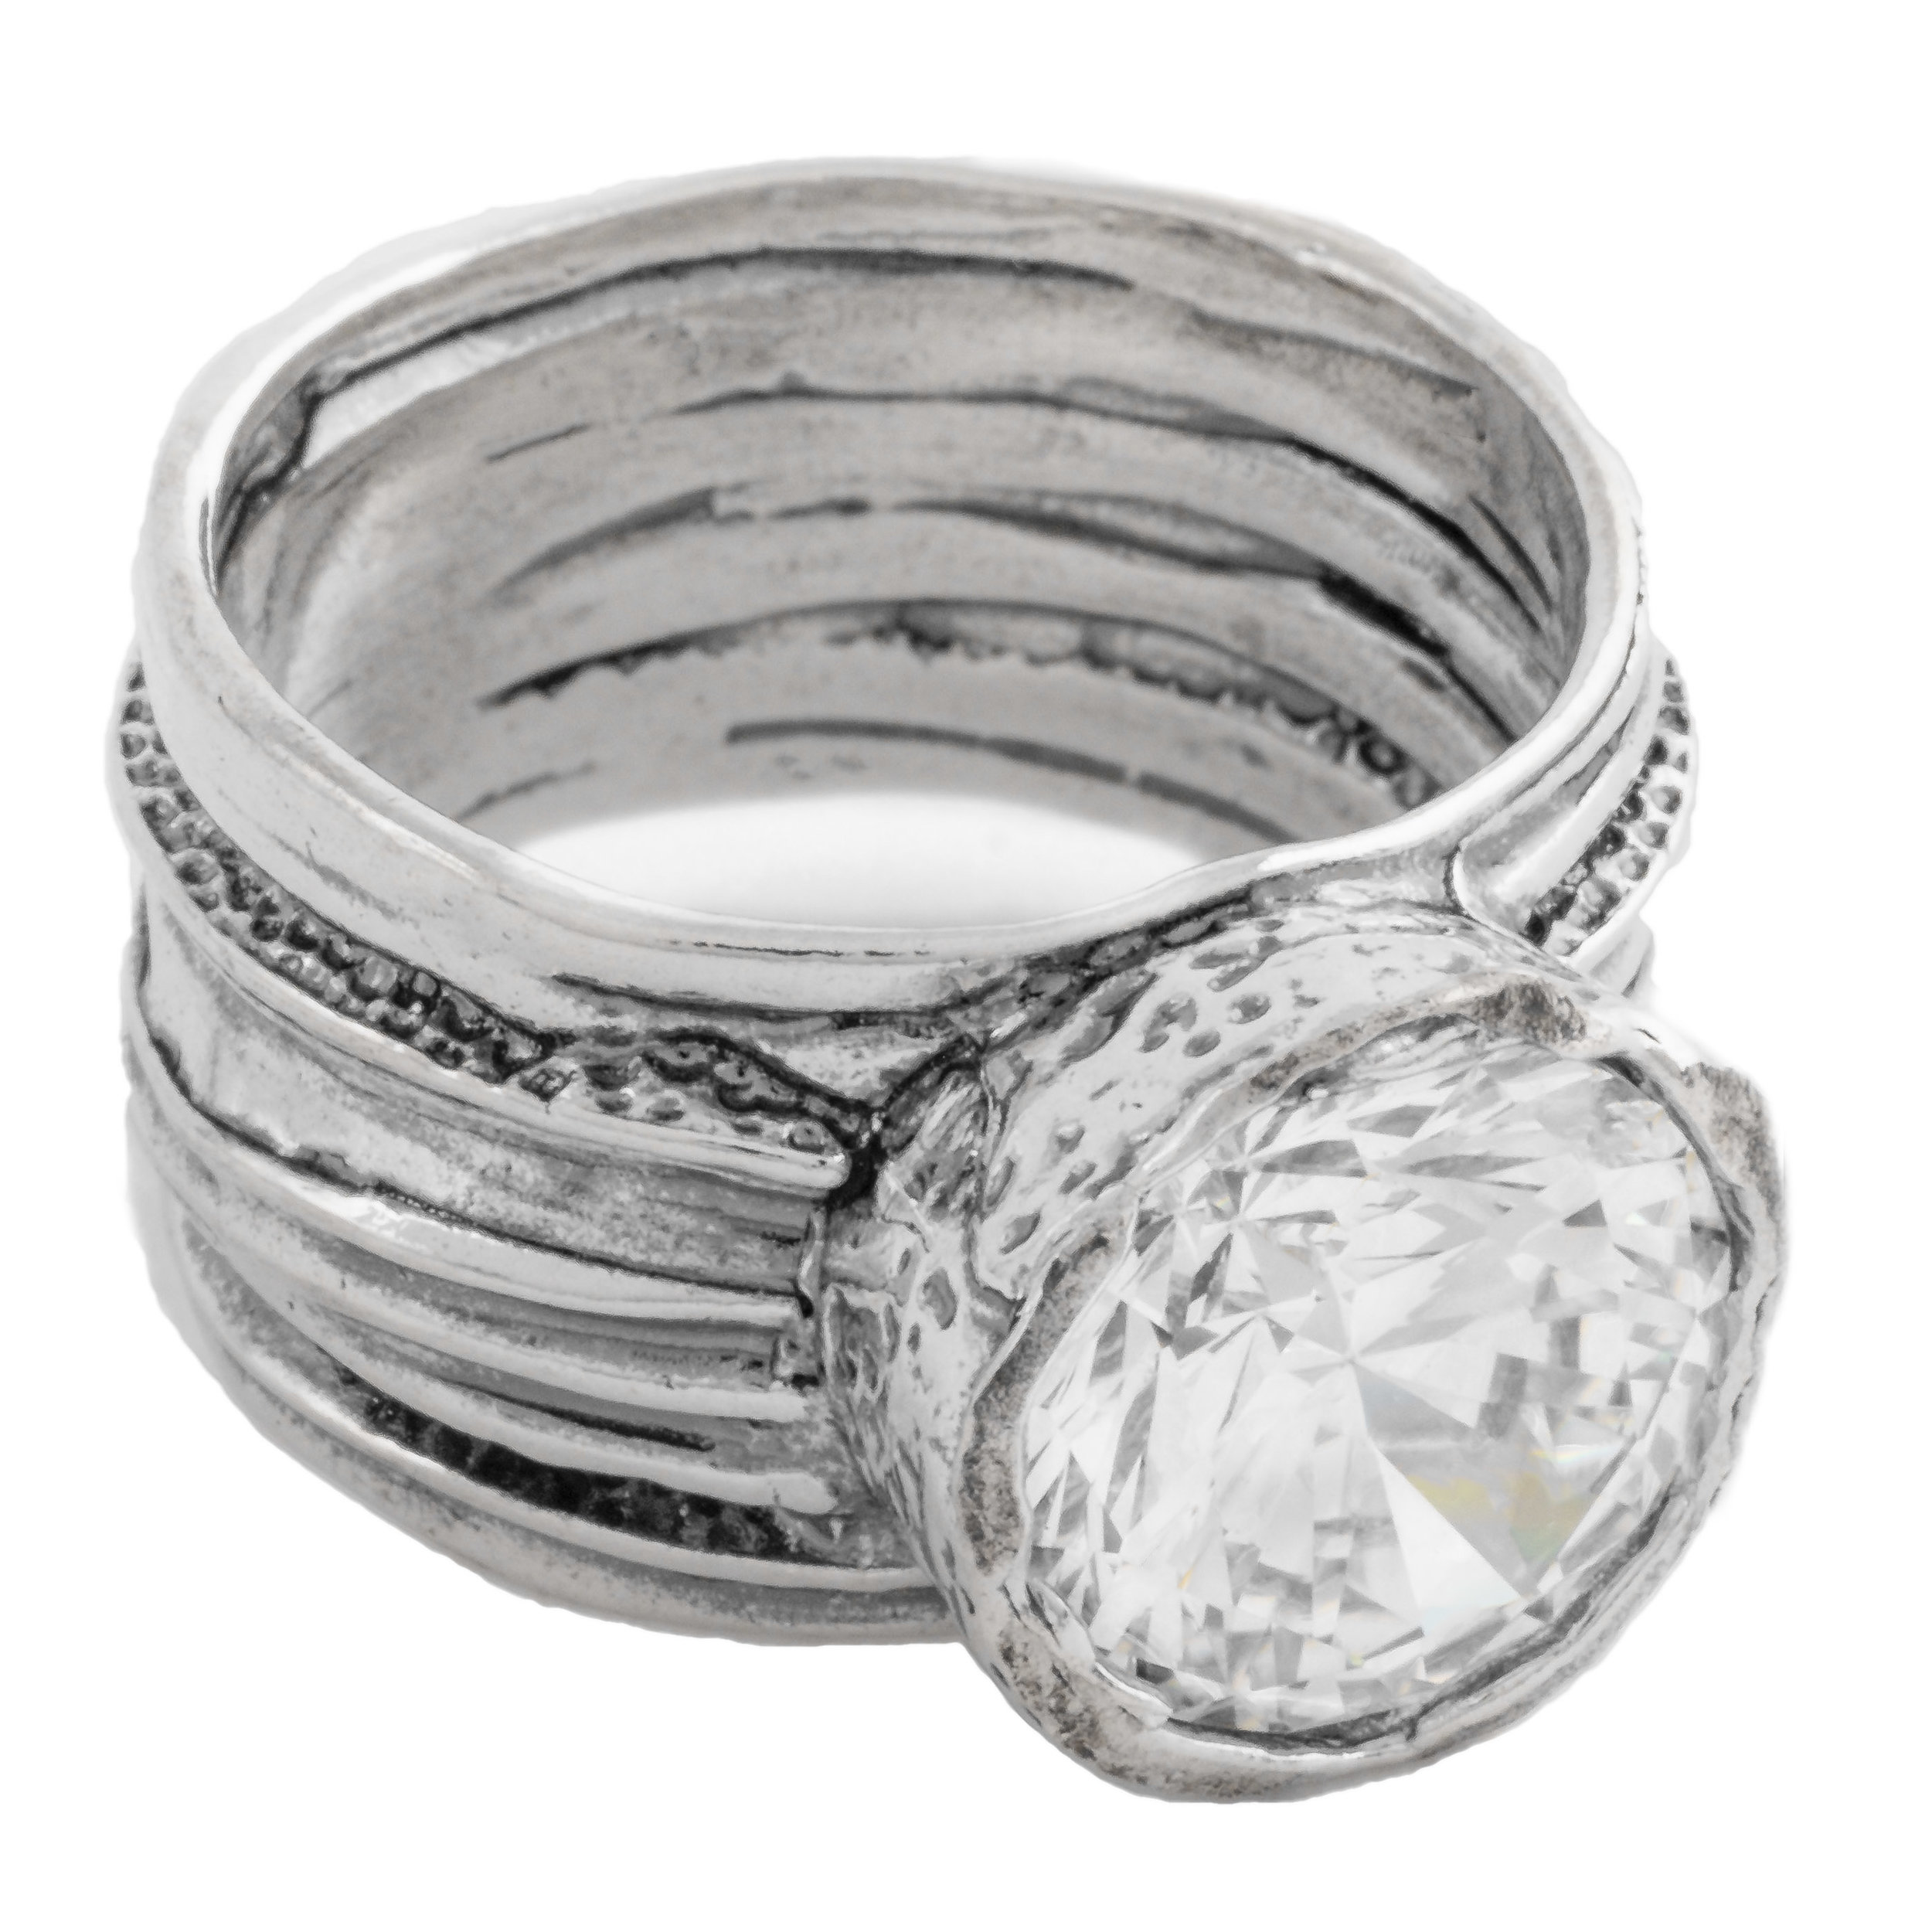 Rings - 11468-2 (1 of 1)-Edit.jpg